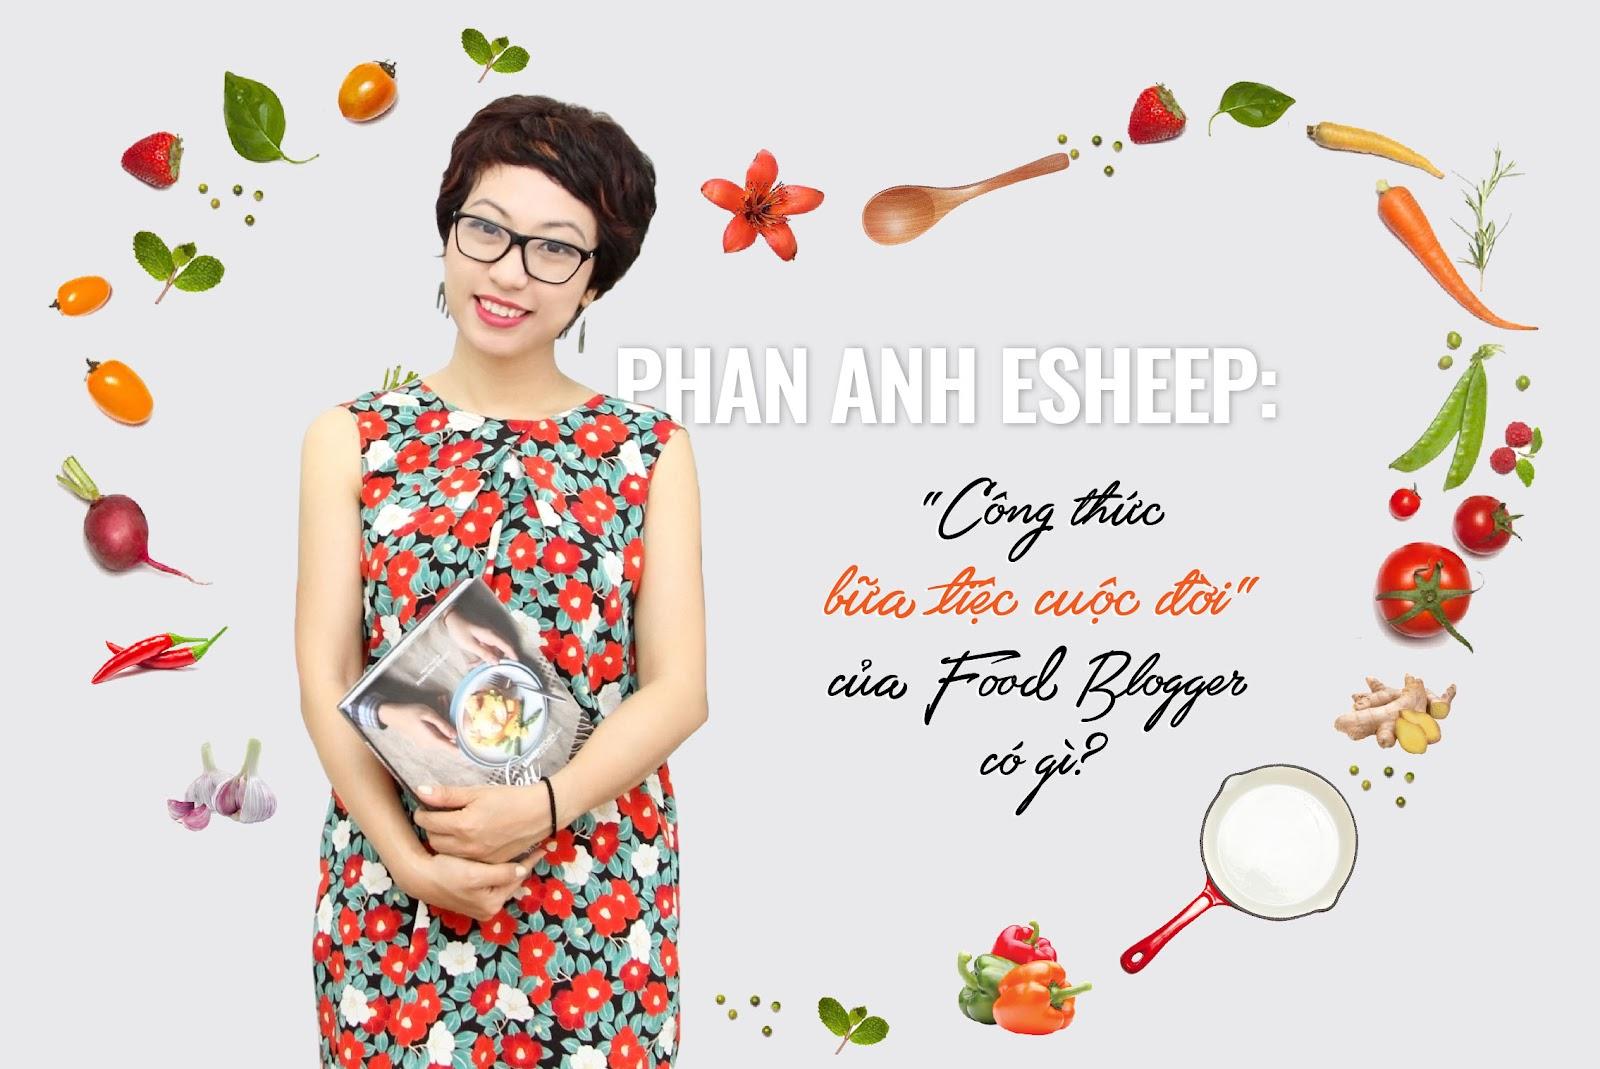 chi-Phan-Anh-Esheep-nguoi-dung-dang-sau-nhung-viral content-cua-group-Yeu-Bep